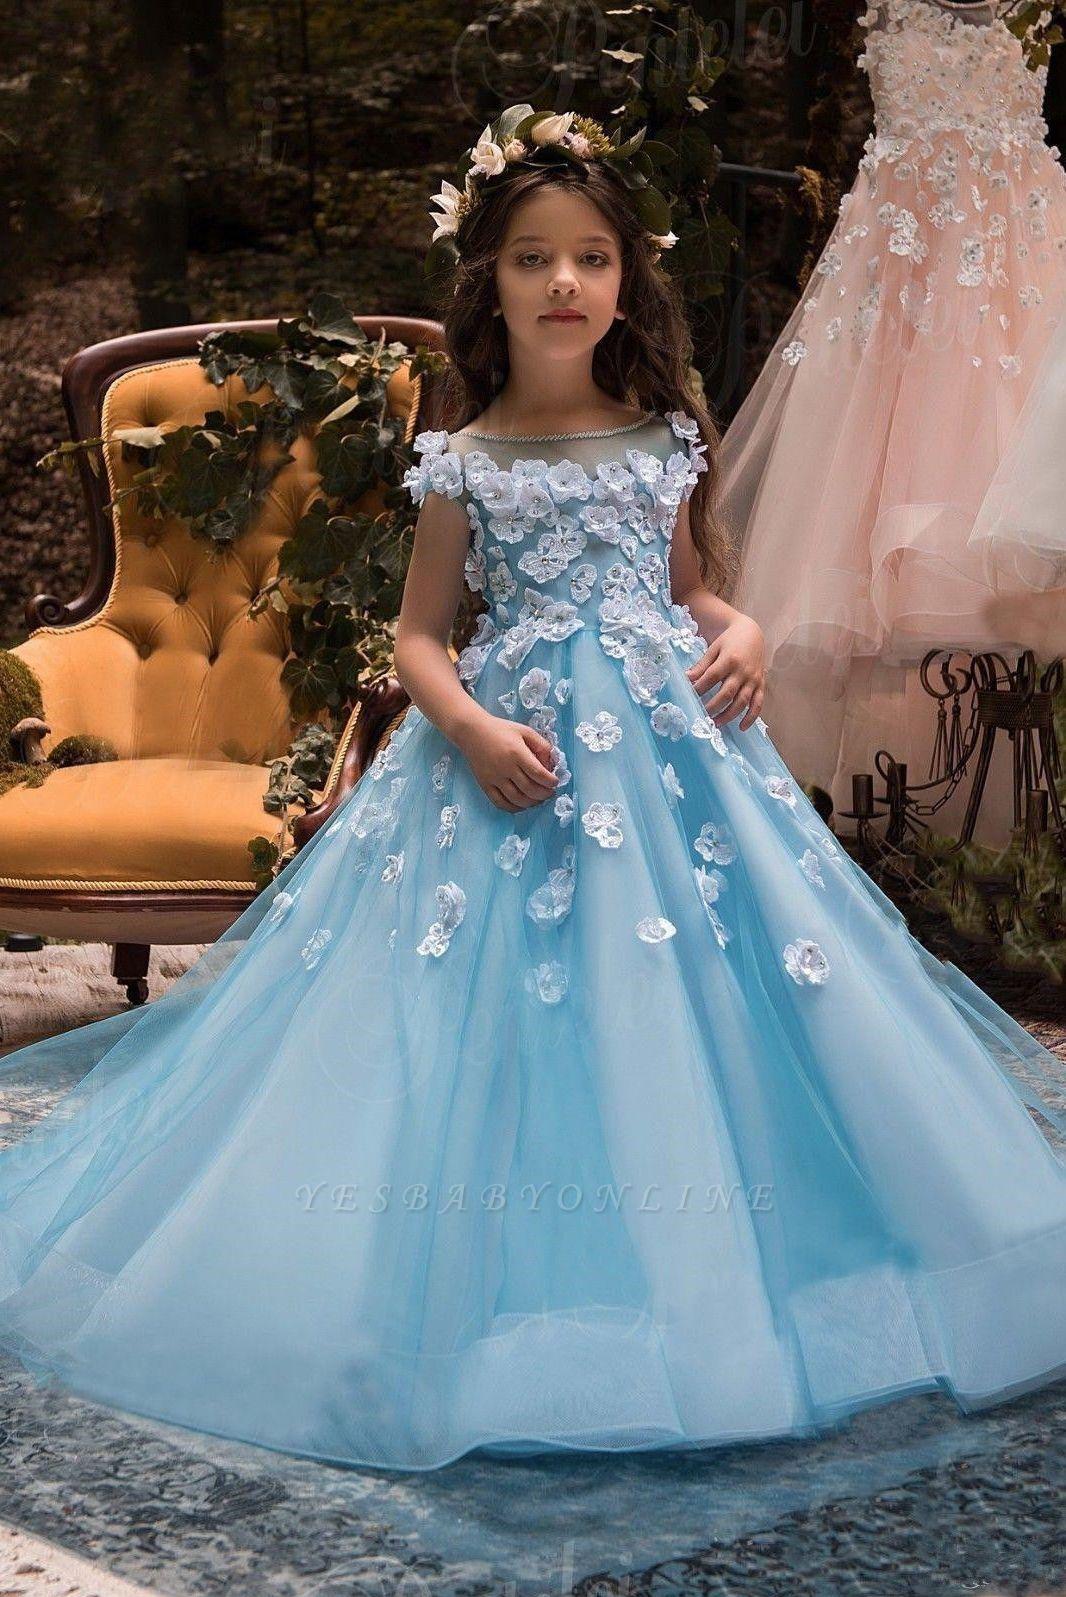 Lovely Wholesale Tulle Square Neckline Tea-length A-line Ice Blue Flower Girl Dress